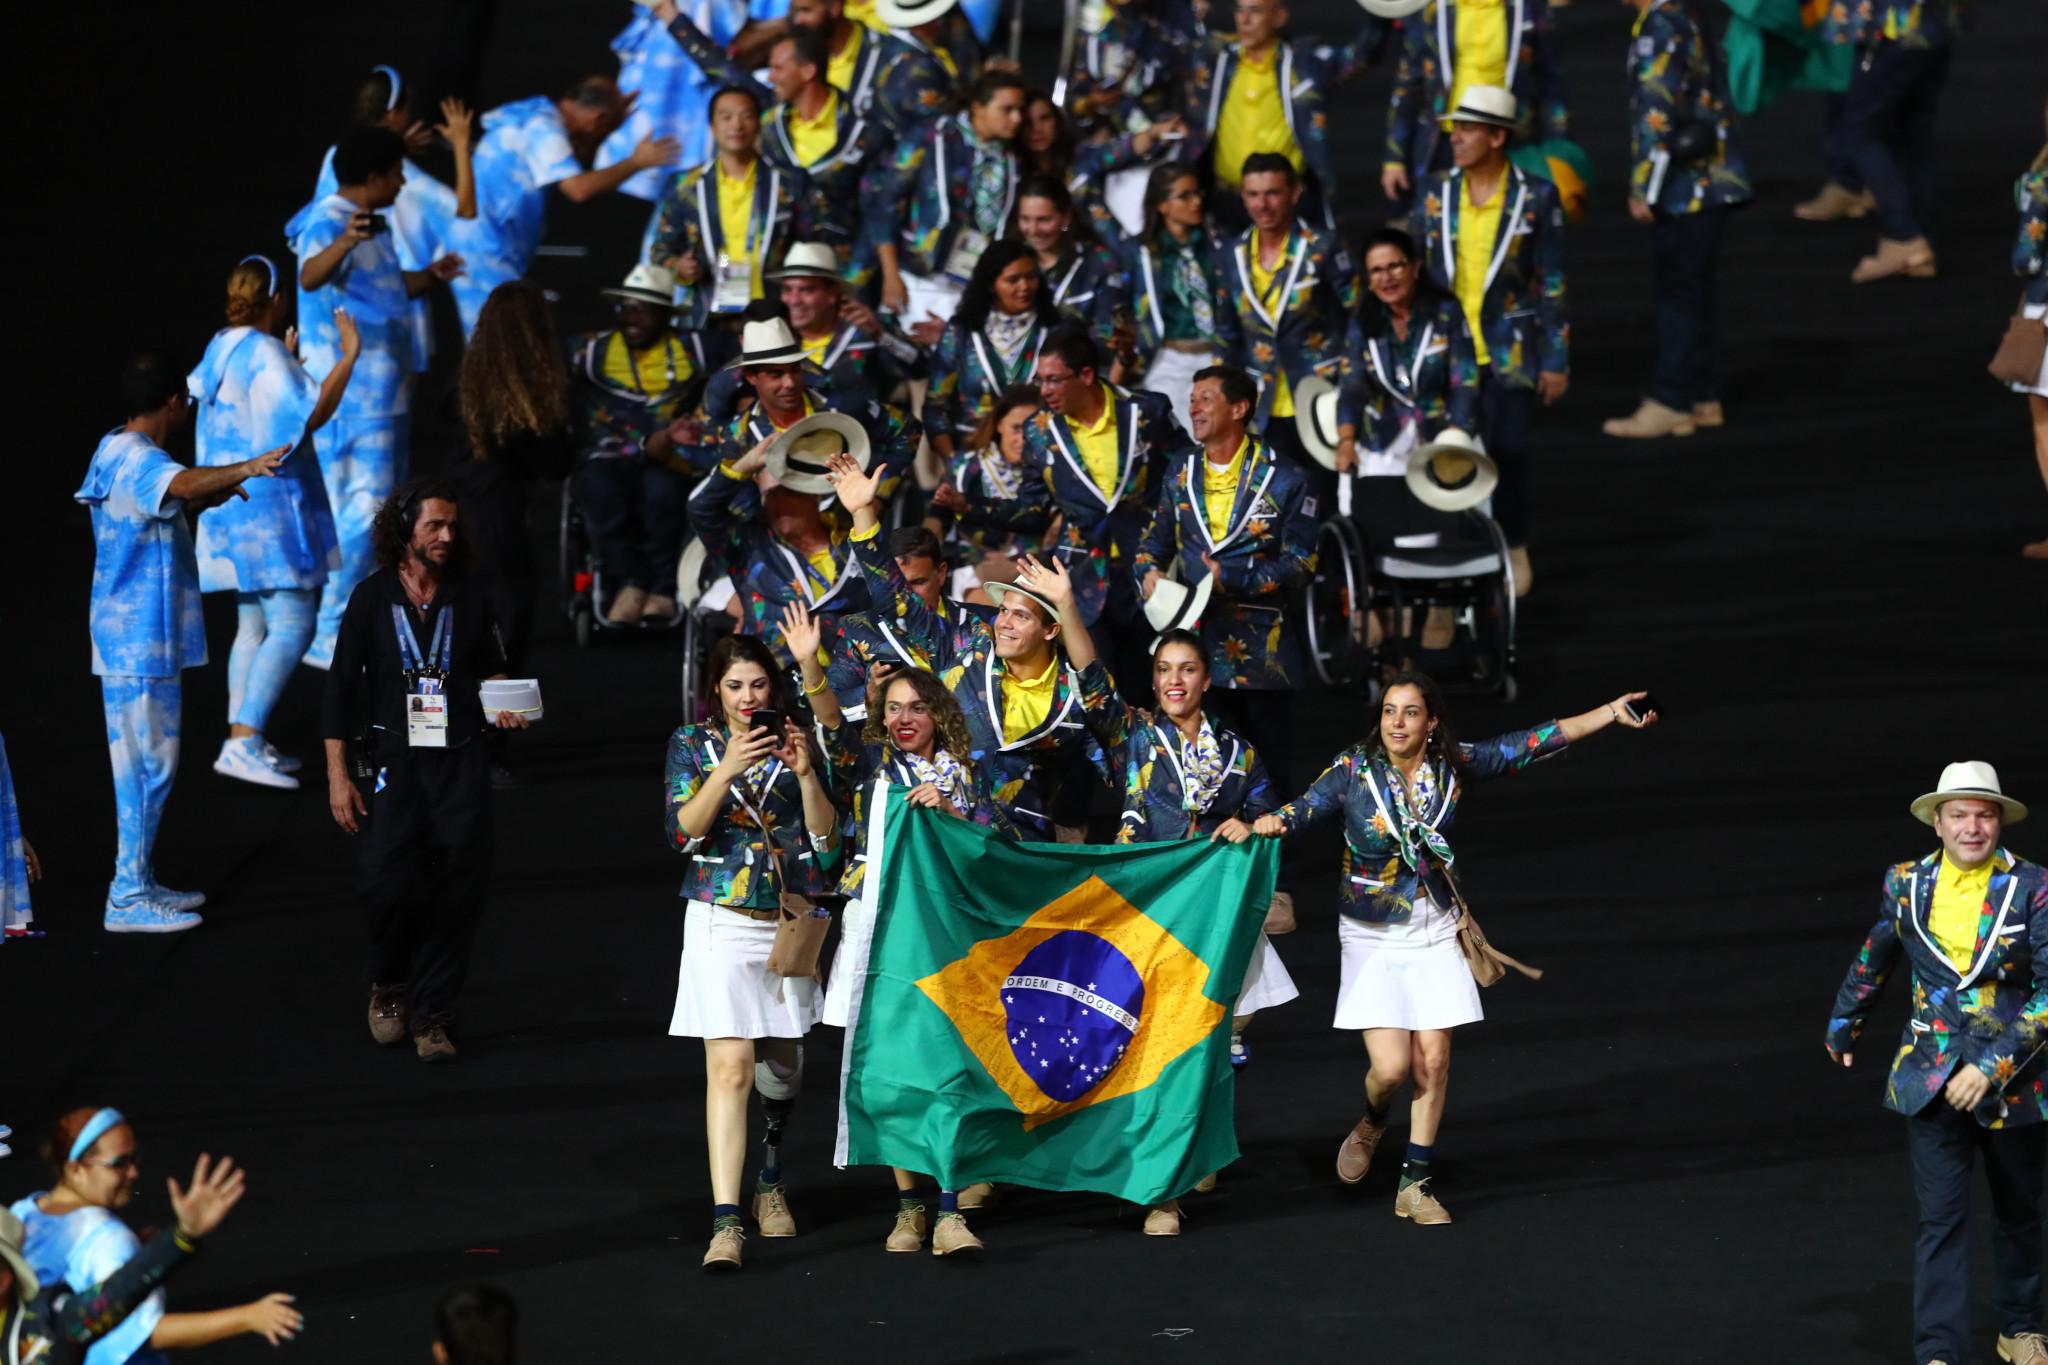 A delegação do Brasil Rio 2016 só é maior do que a equipe que o Comitê Paraolímpico Brasileiro enviará a Tóquio 2020 © Getty Images